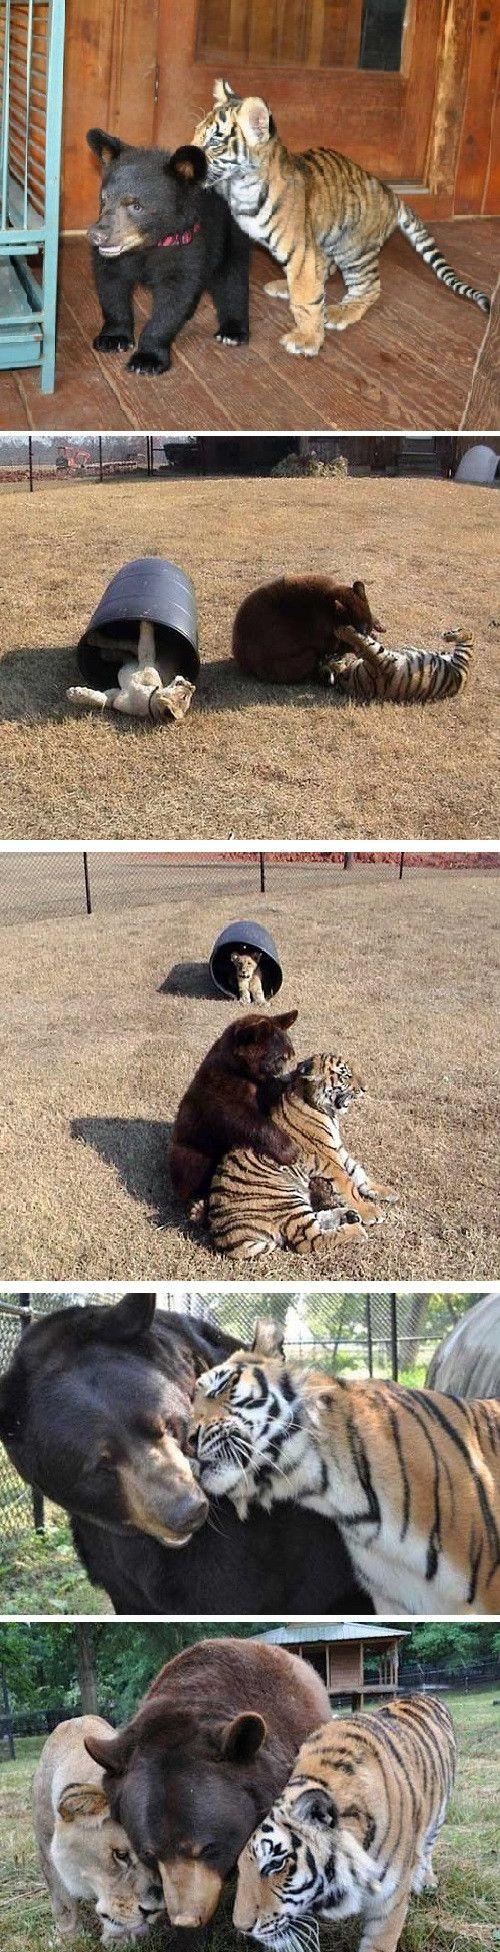 Je pense que c'est tres adorable. Un ours et un tigre qui est amis pour un long temps, joue ensemble.